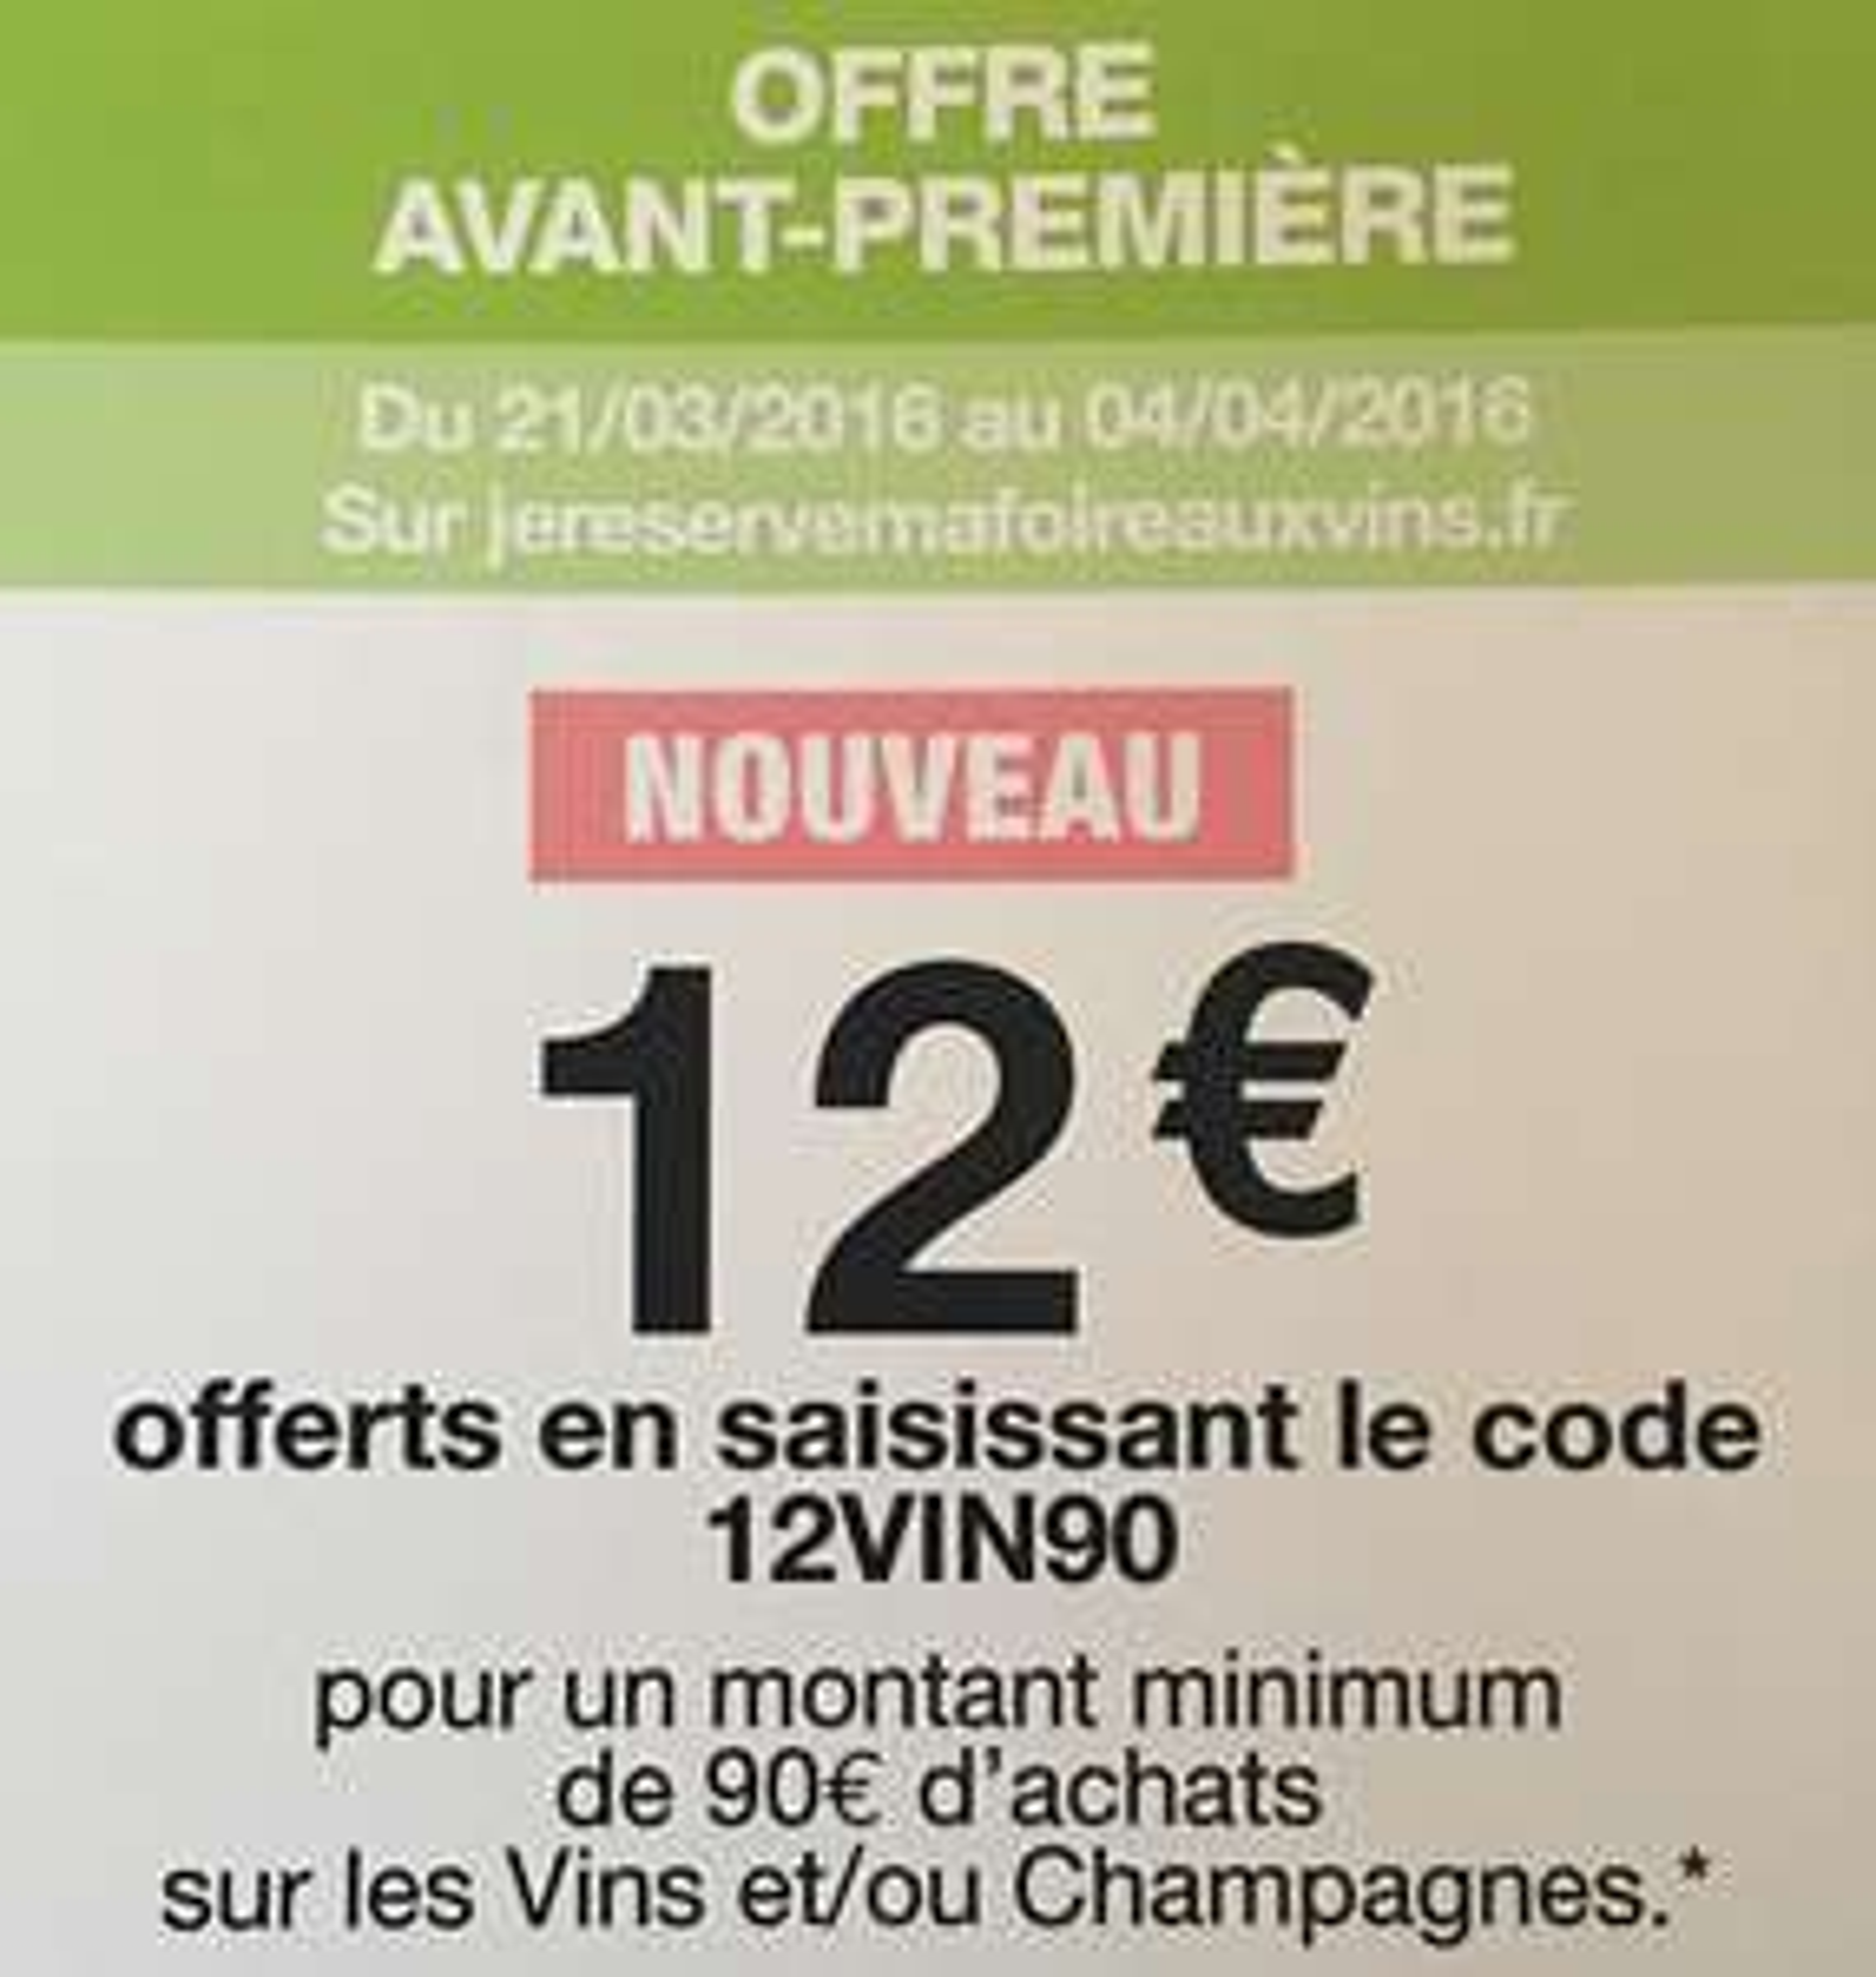 12€ de réduction dès 90€ d'achat sur le vin et champagne